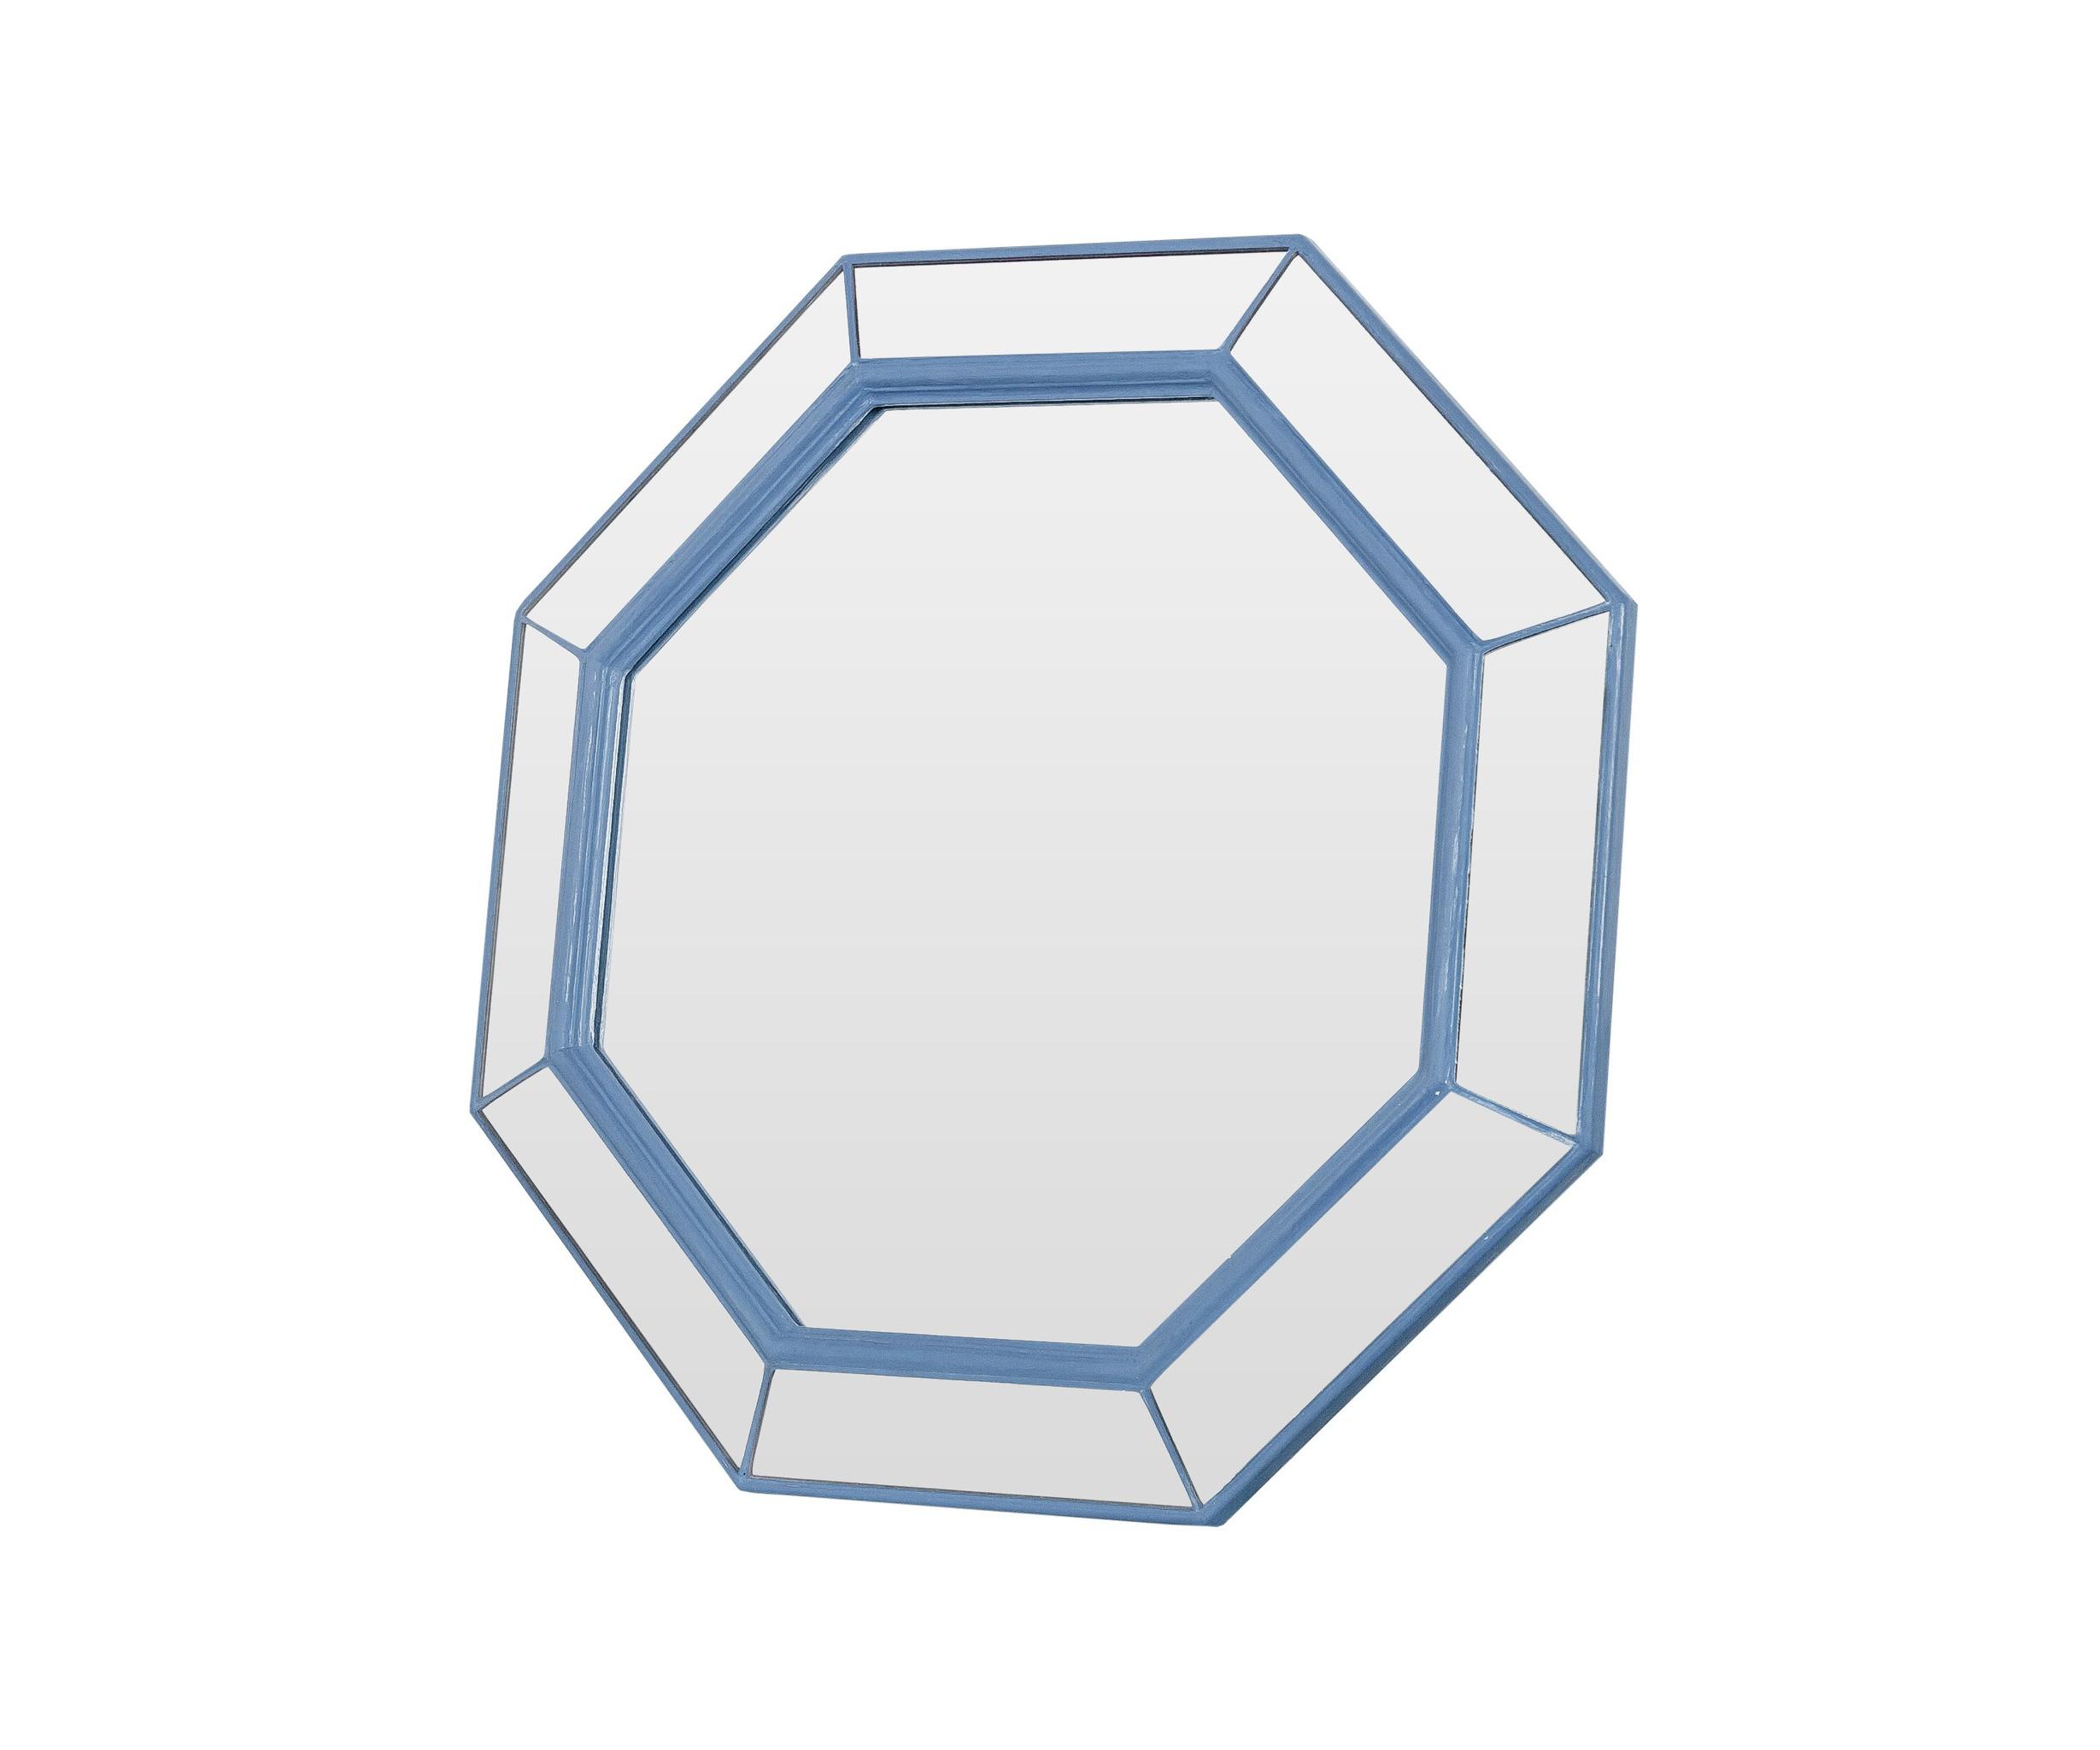 Зеркало ручной работы МорскоеНастенные зеркала<br>Это зеркало создано специально для тех, кто любит яркие детали в интерьере. Оно изготовлено исключительно вручную. Оригинальная форма и нежно-голубой контур добавят в интерьер вашего дома приятных эмоций, а внушительный размер сделает его центральным элементом дизайнерской композиции.&amp;amp;nbsp;&amp;lt;div&amp;gt;&amp;lt;br&amp;gt;&amp;lt;/div&amp;gt;&amp;lt;div&amp;gt;Материалы: основа - массив дерева; рама - натуральное дерево; зеркальное полотно - классическое зеркало серебряной амальгамы.&amp;lt;/div&amp;gt;<br><br>Material: Дерево<br>Ширина см: 59<br>Высота см: 59<br>Глубина см: 5